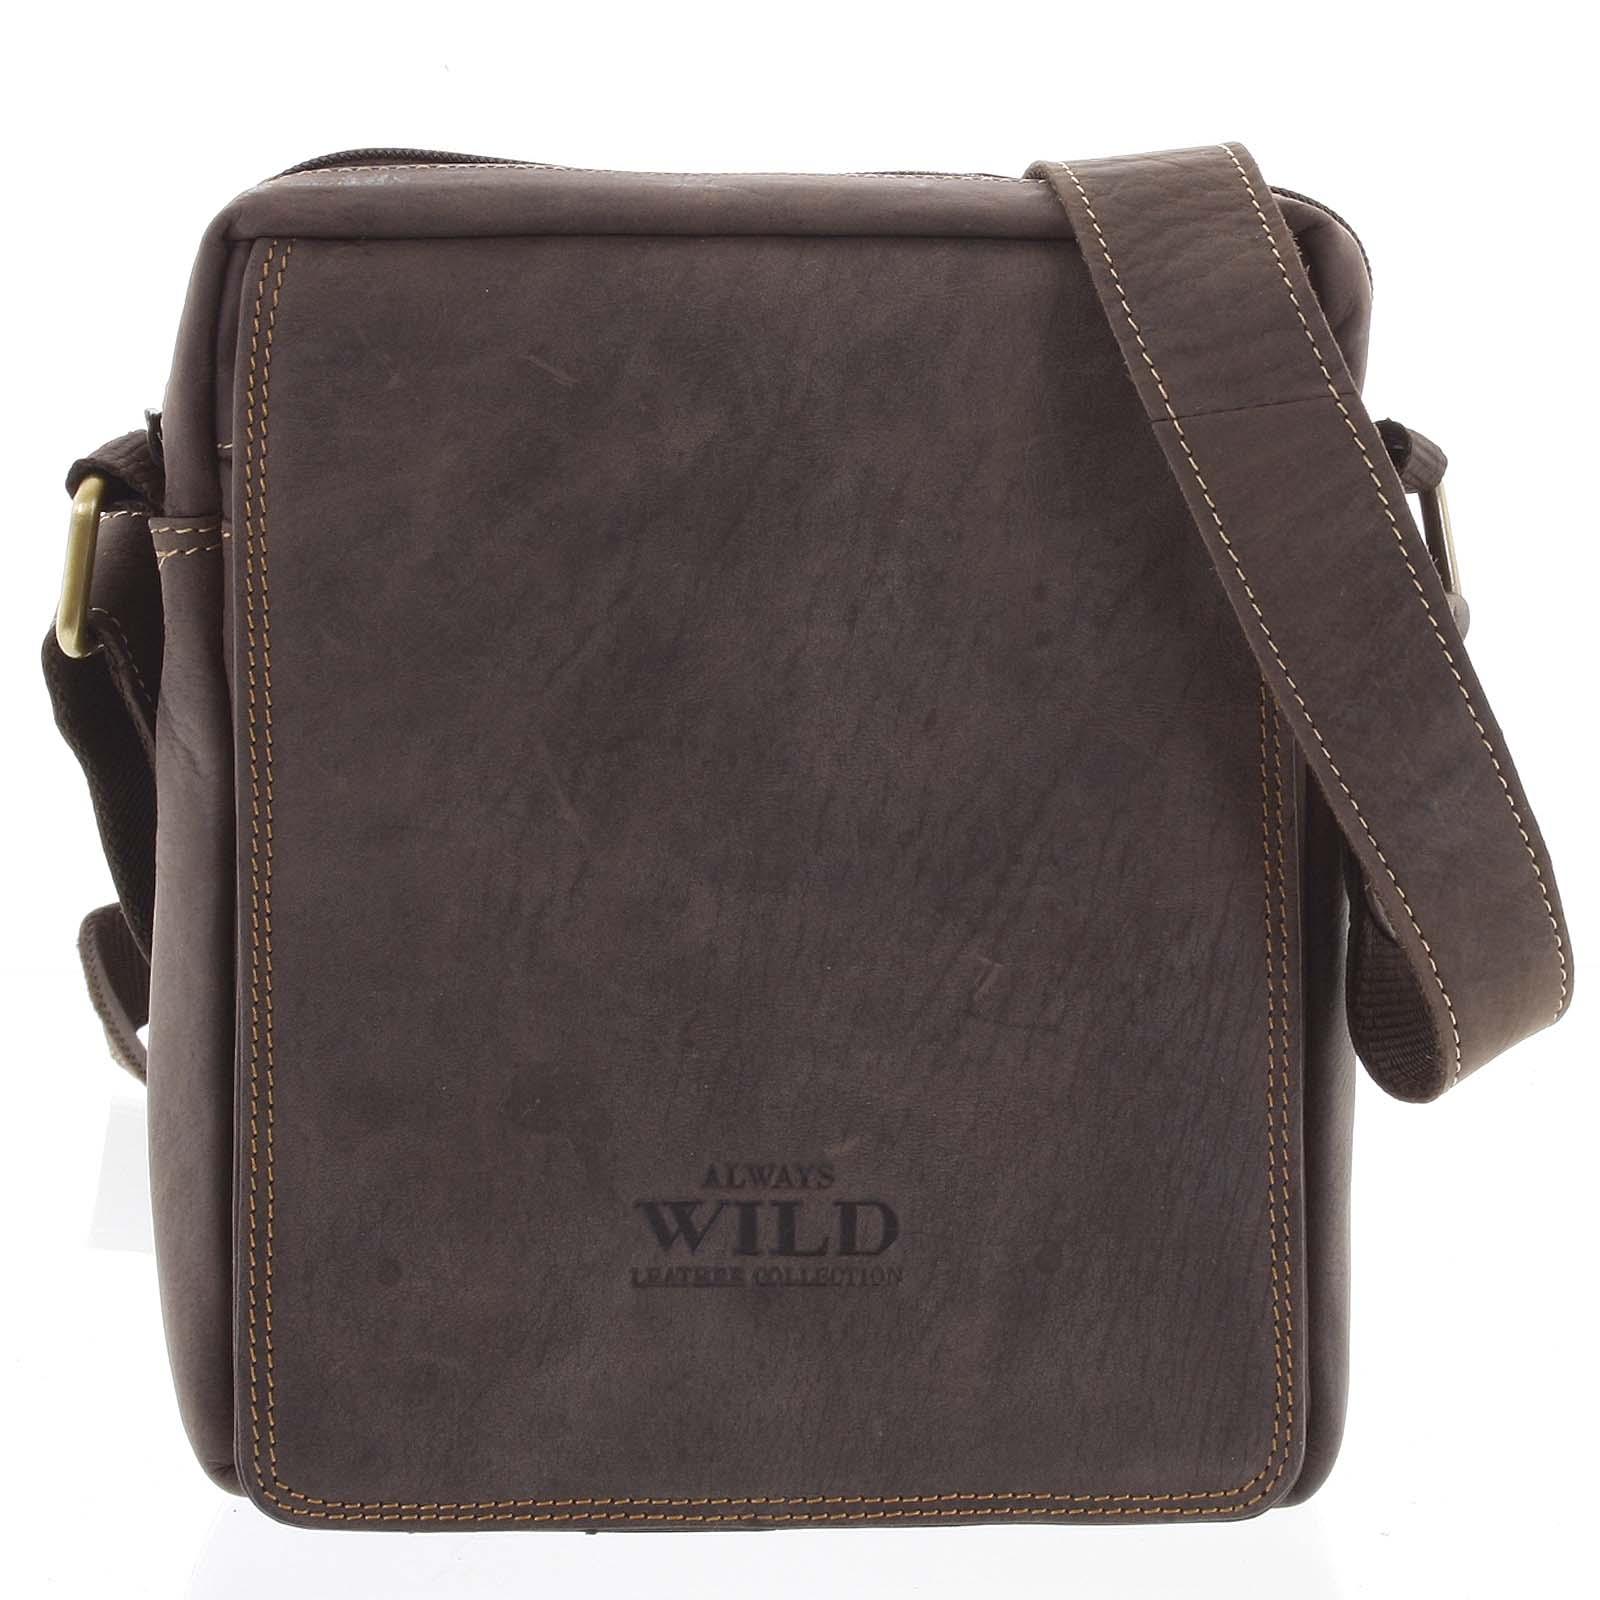 Pánska kožená crossbody taška tmavo hnedá - WILD Yander hnedá